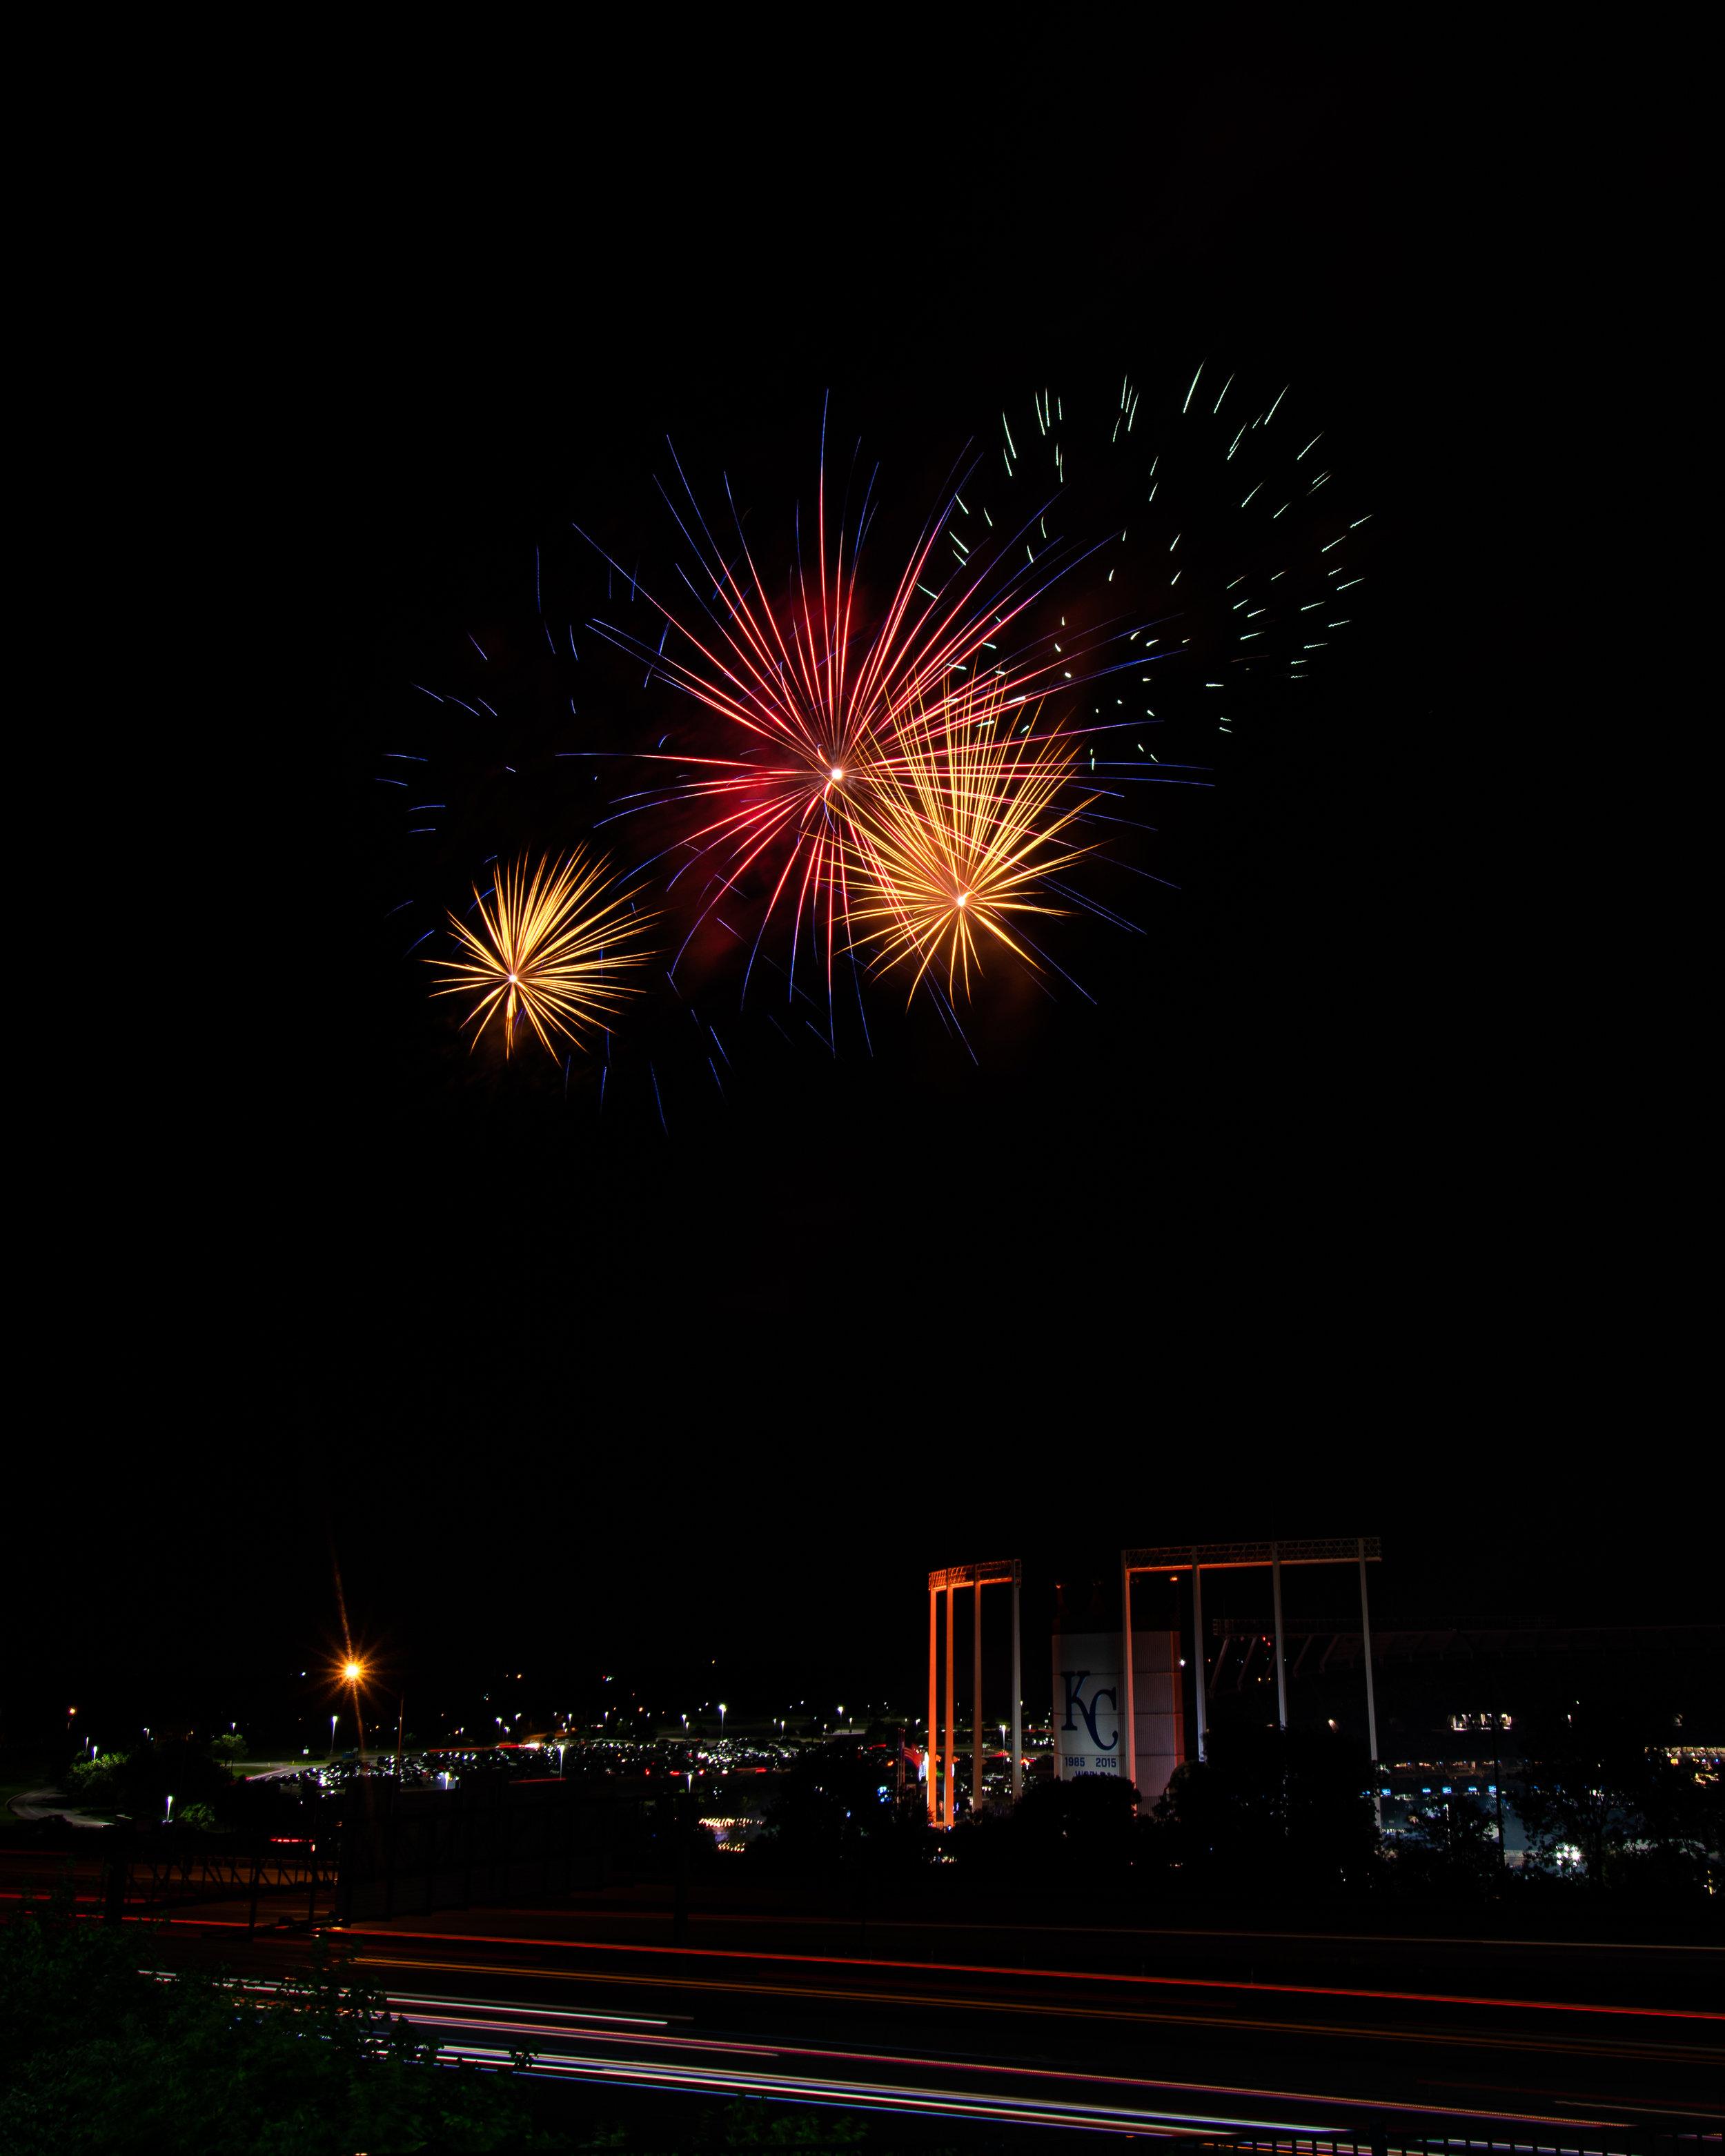 firework-friday-18-of-51_48108387982_o.jpg